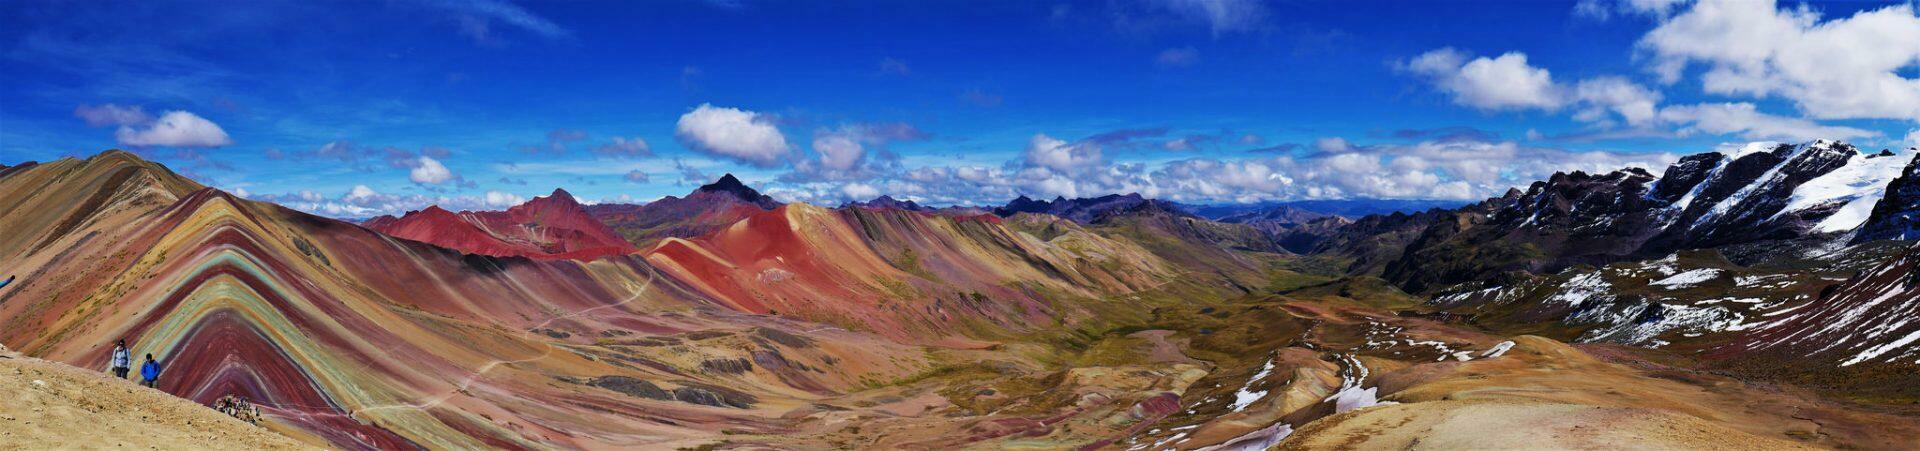 Montagnes arc-en-ciel au Pérou